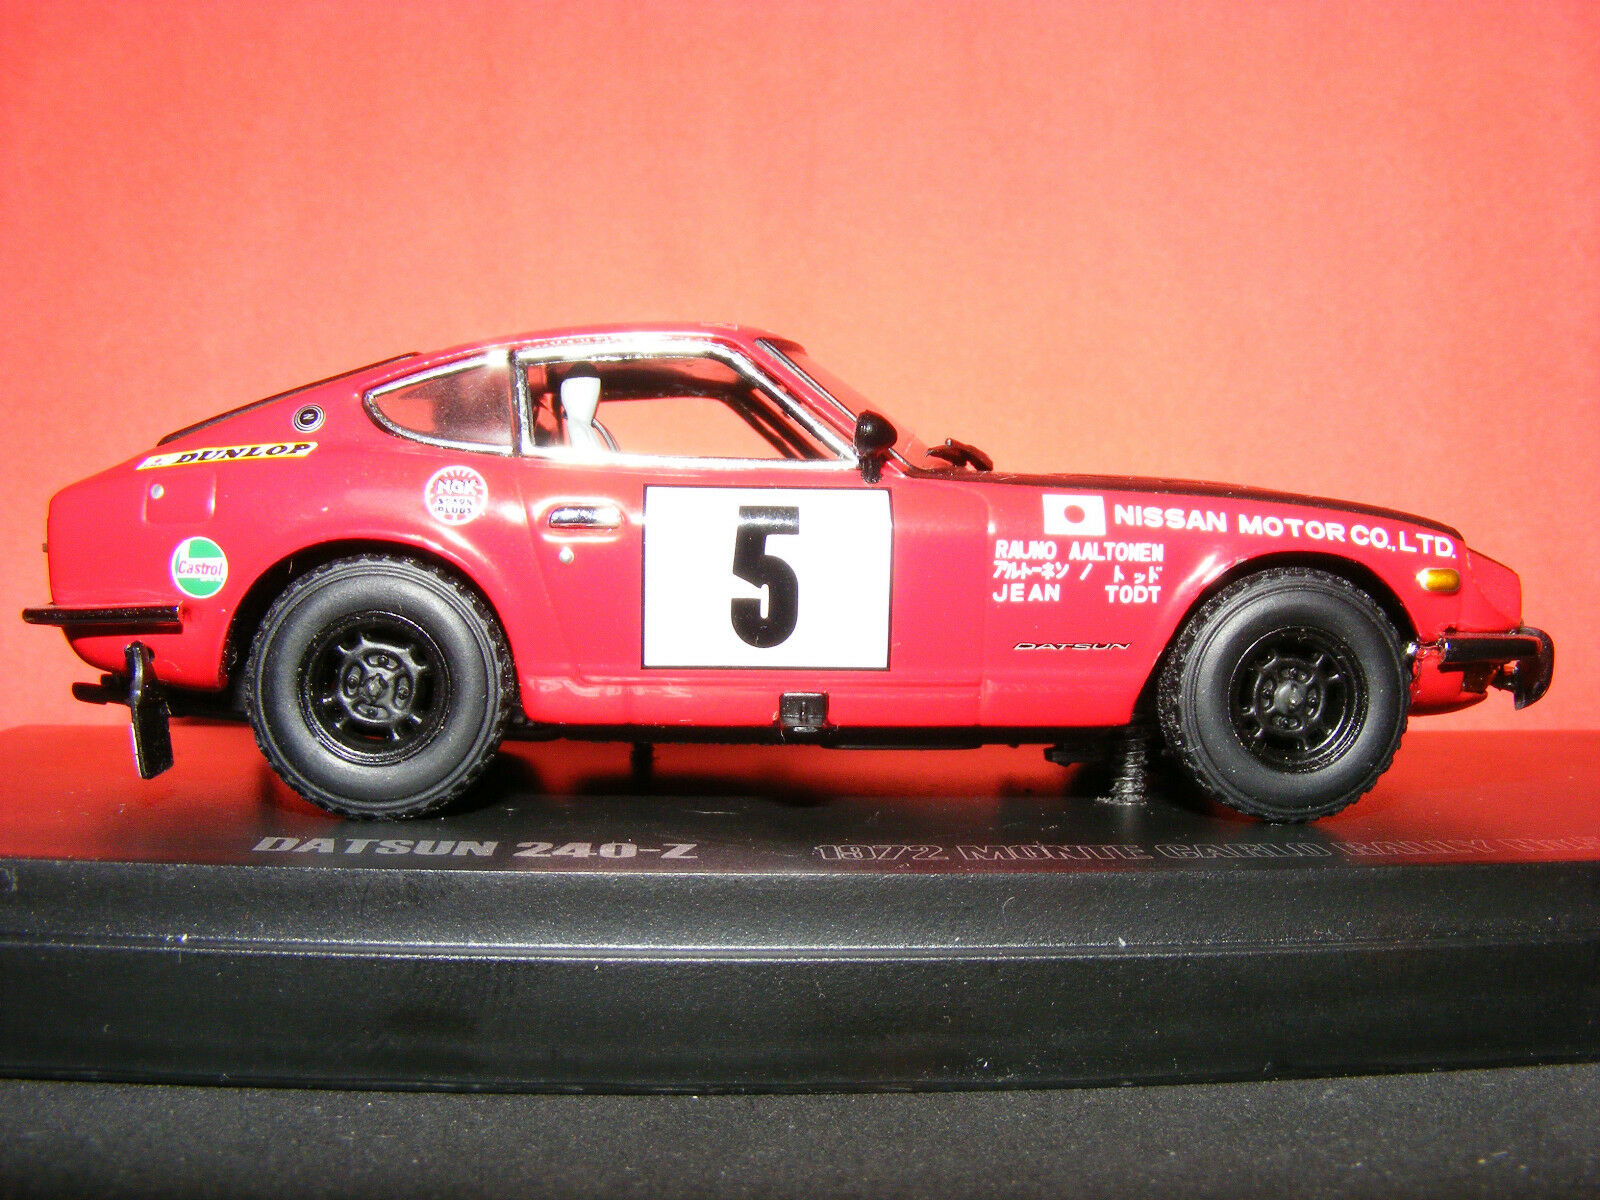 DATSUN 240-Z MONTE voitureLO  Rare Kyosho 1972 RALLYE 'MUSEUM COLLECTION' 1 43 NLA  marques de créateurs bon marché